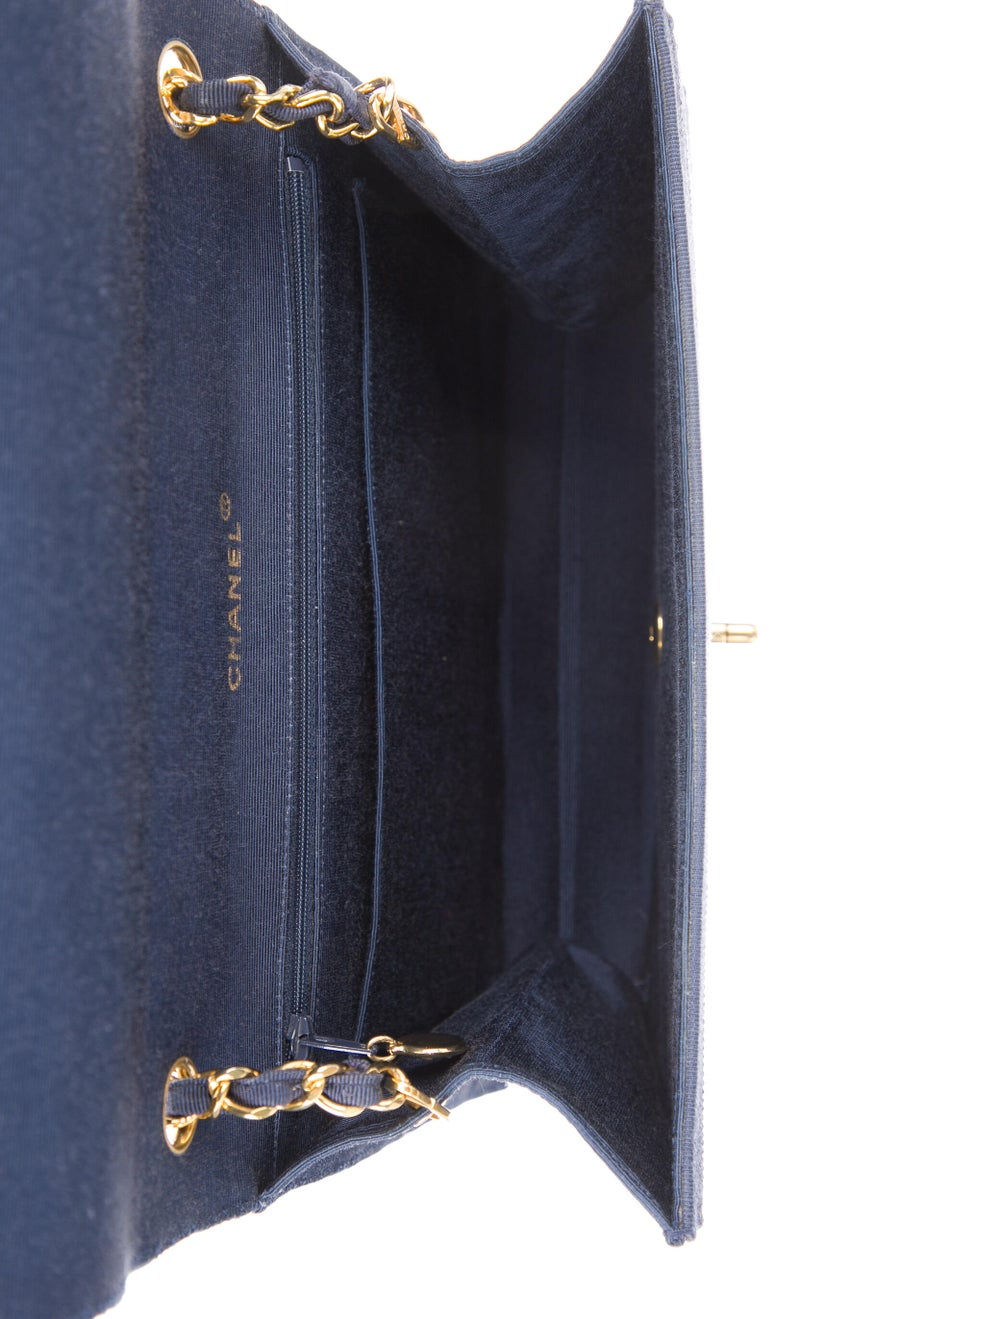 Chanel Paneled Flap Bag Blue - image 5